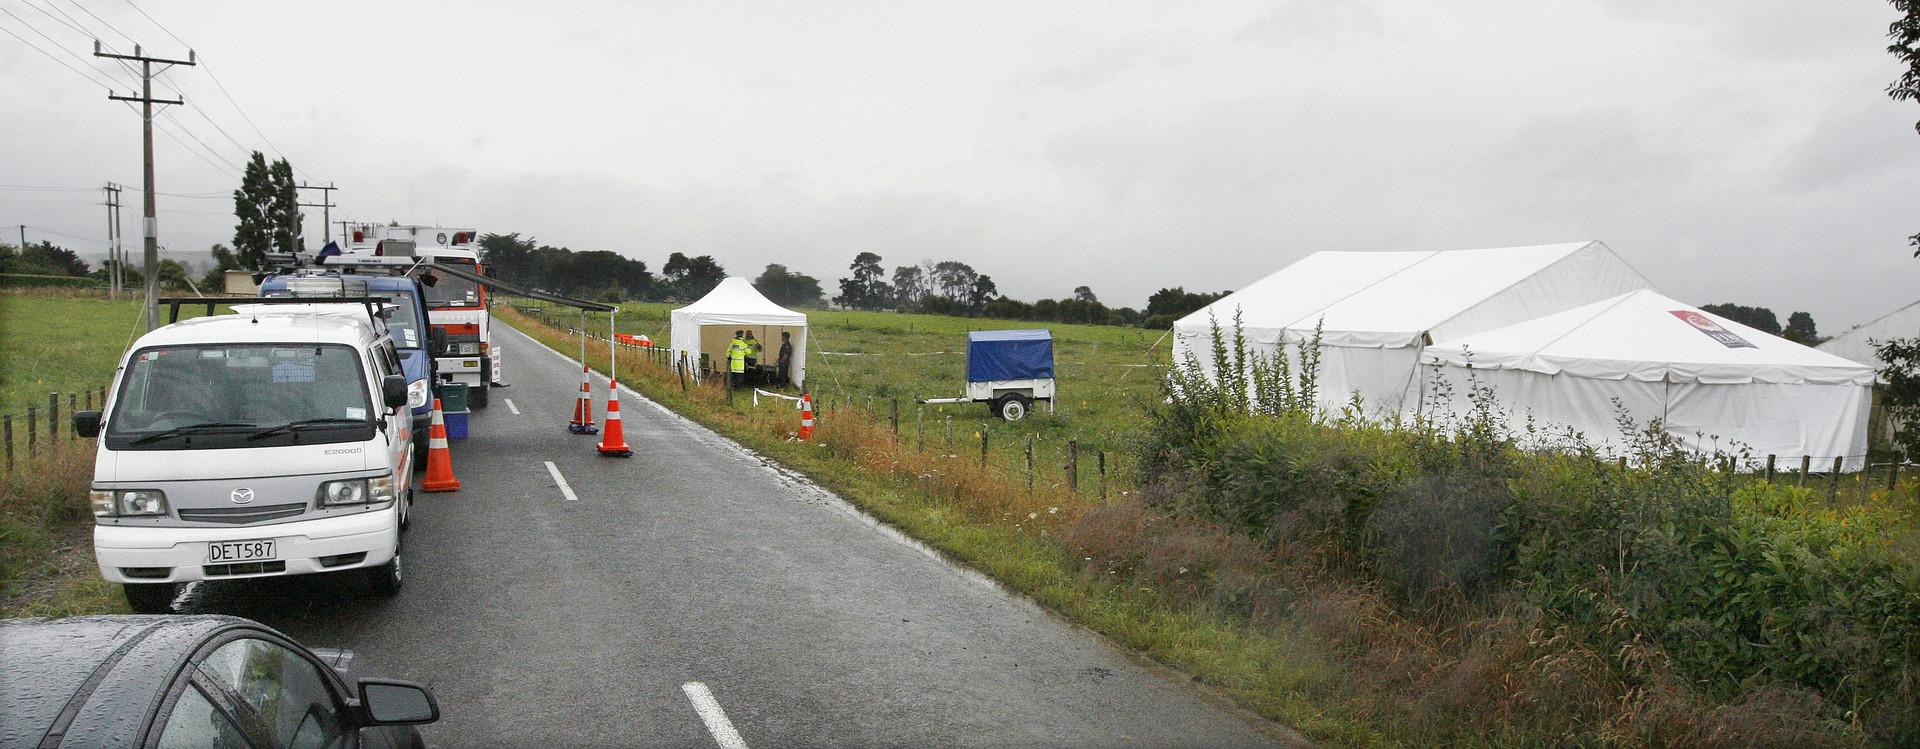 مقتل شخصين باصطدام طائرتين في الجو بنيوزيلندا